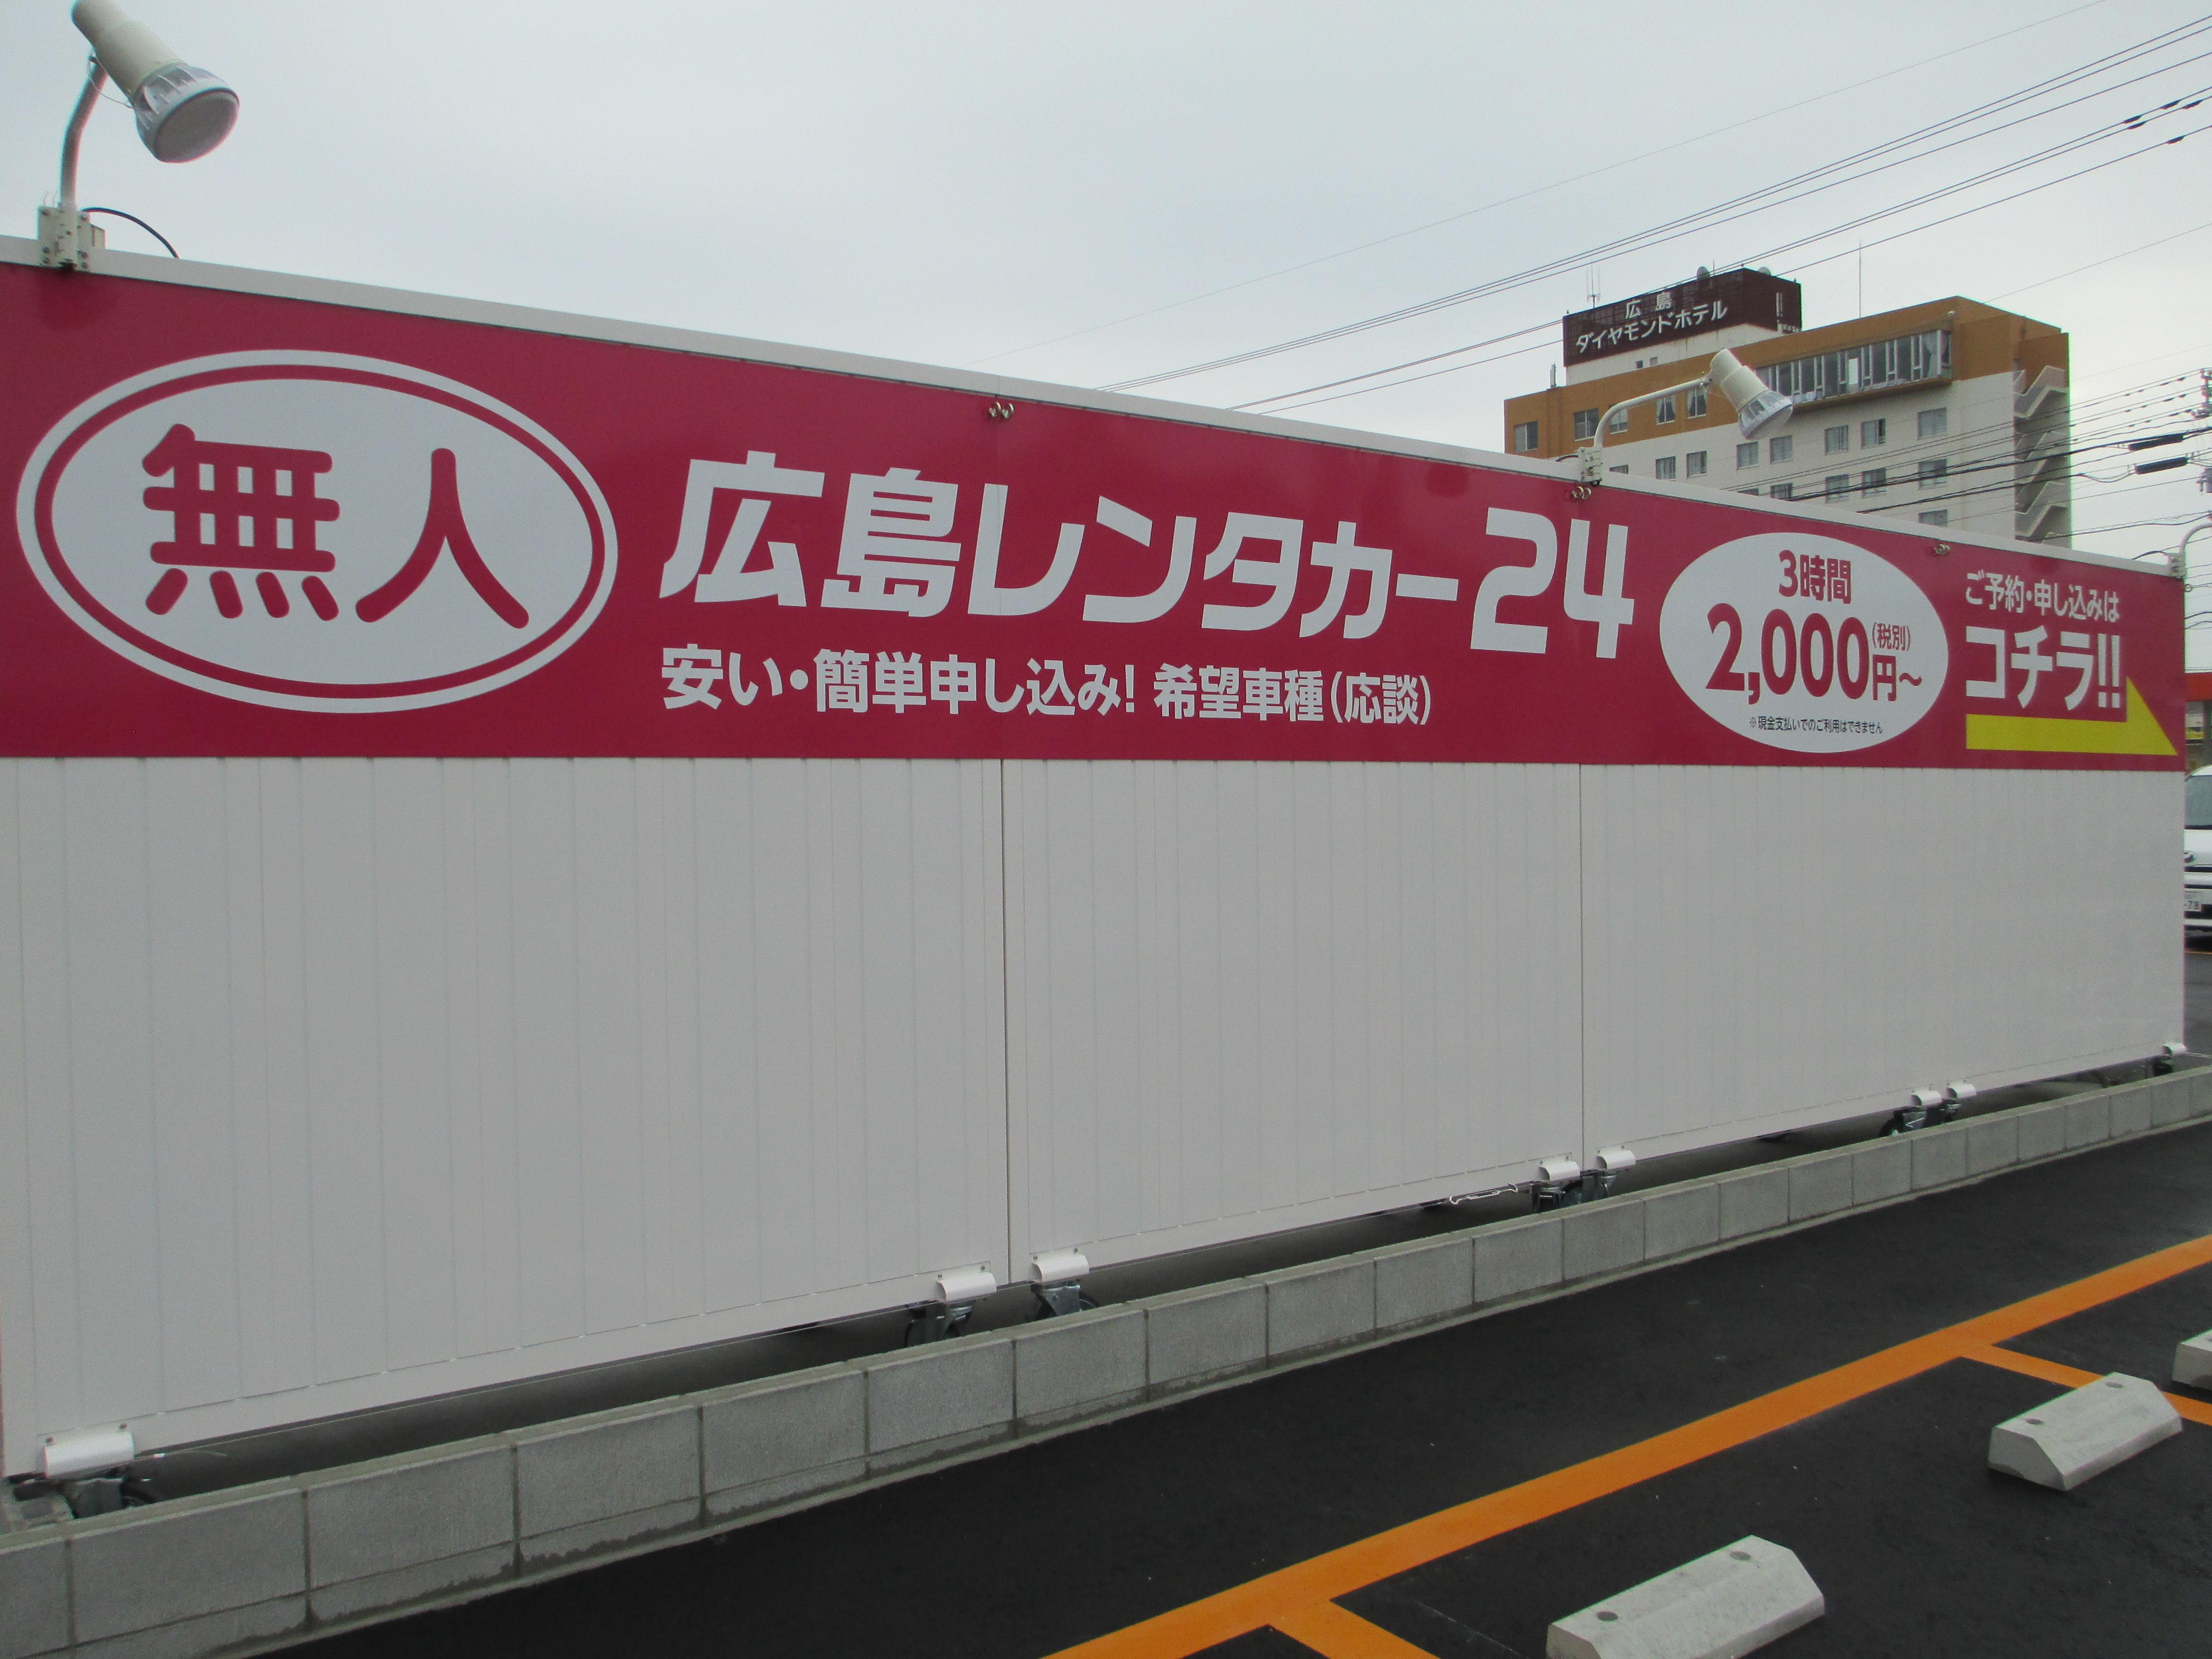 無人 広島レンタカー24 2019年1月オープン予定!